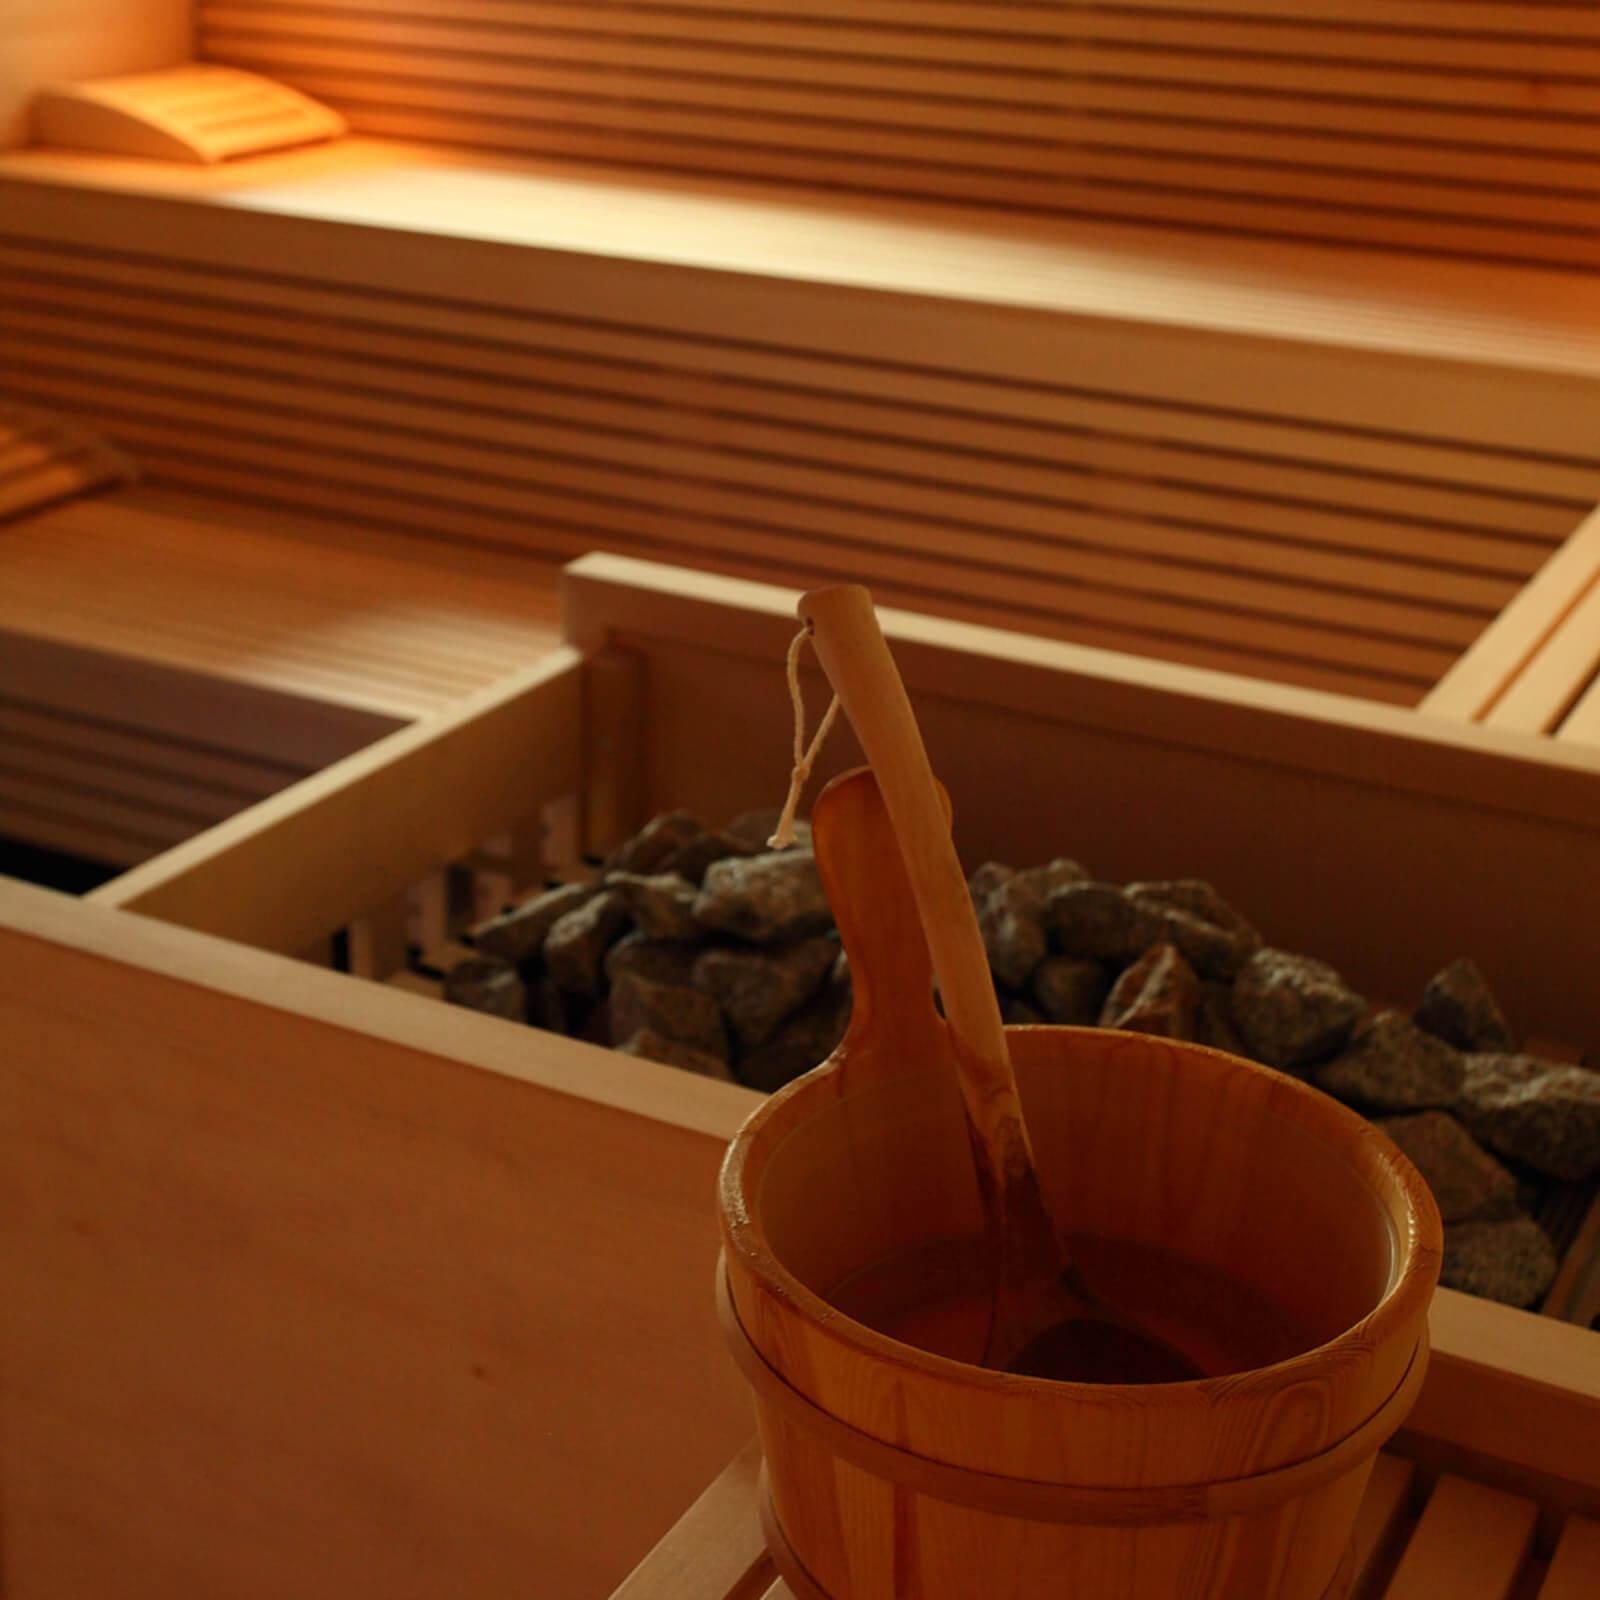 blu-moret-wellness-spa-centro-benessere-udine-sauna3